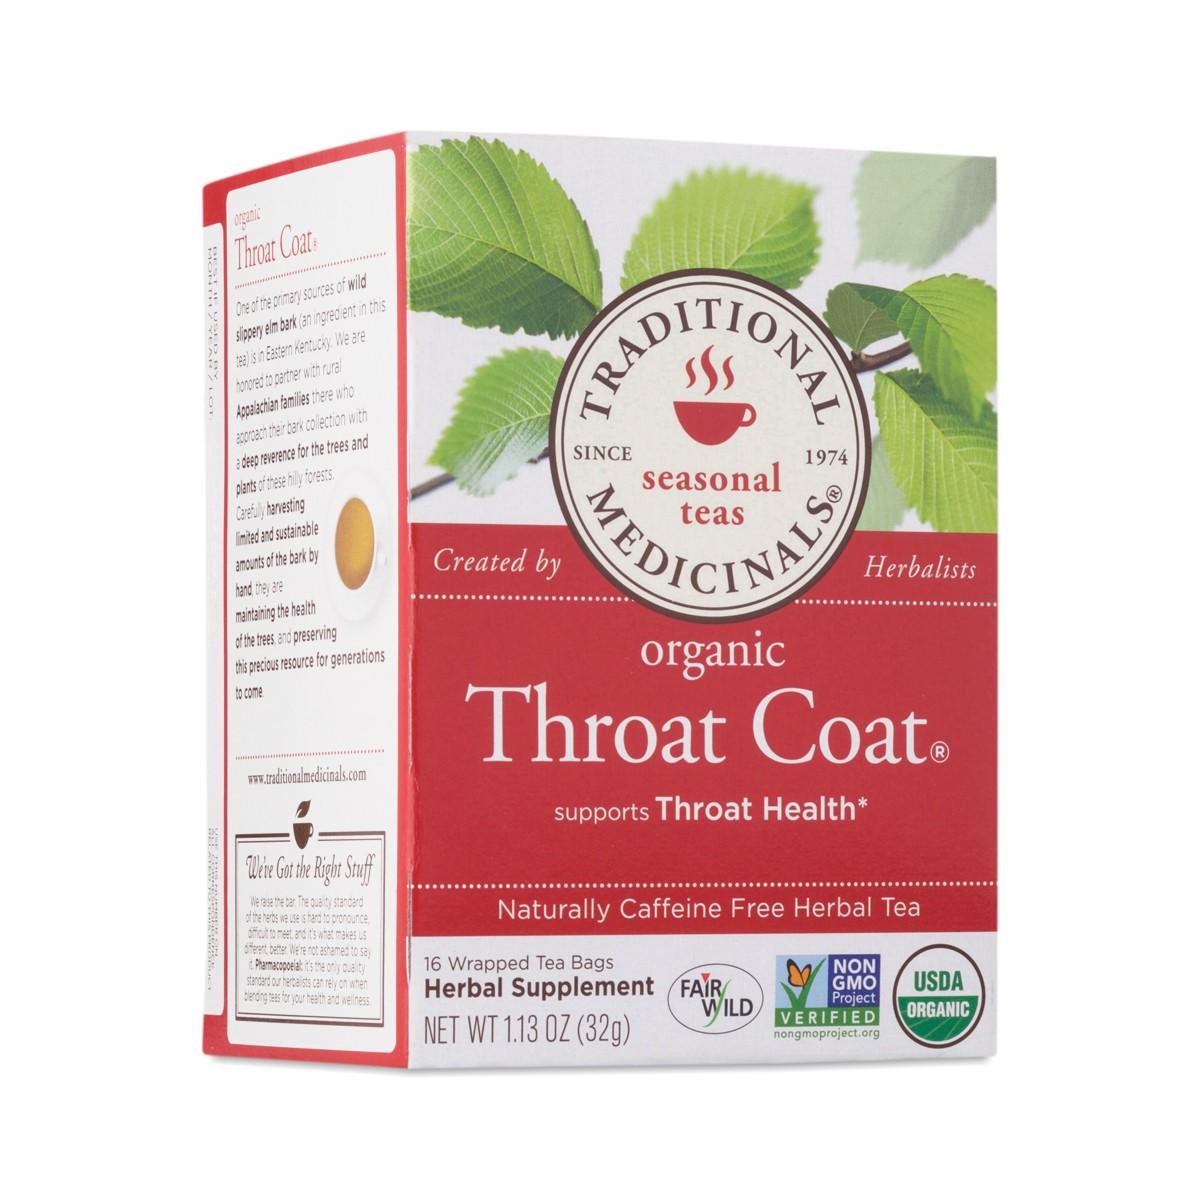 Throat coat herbal tea